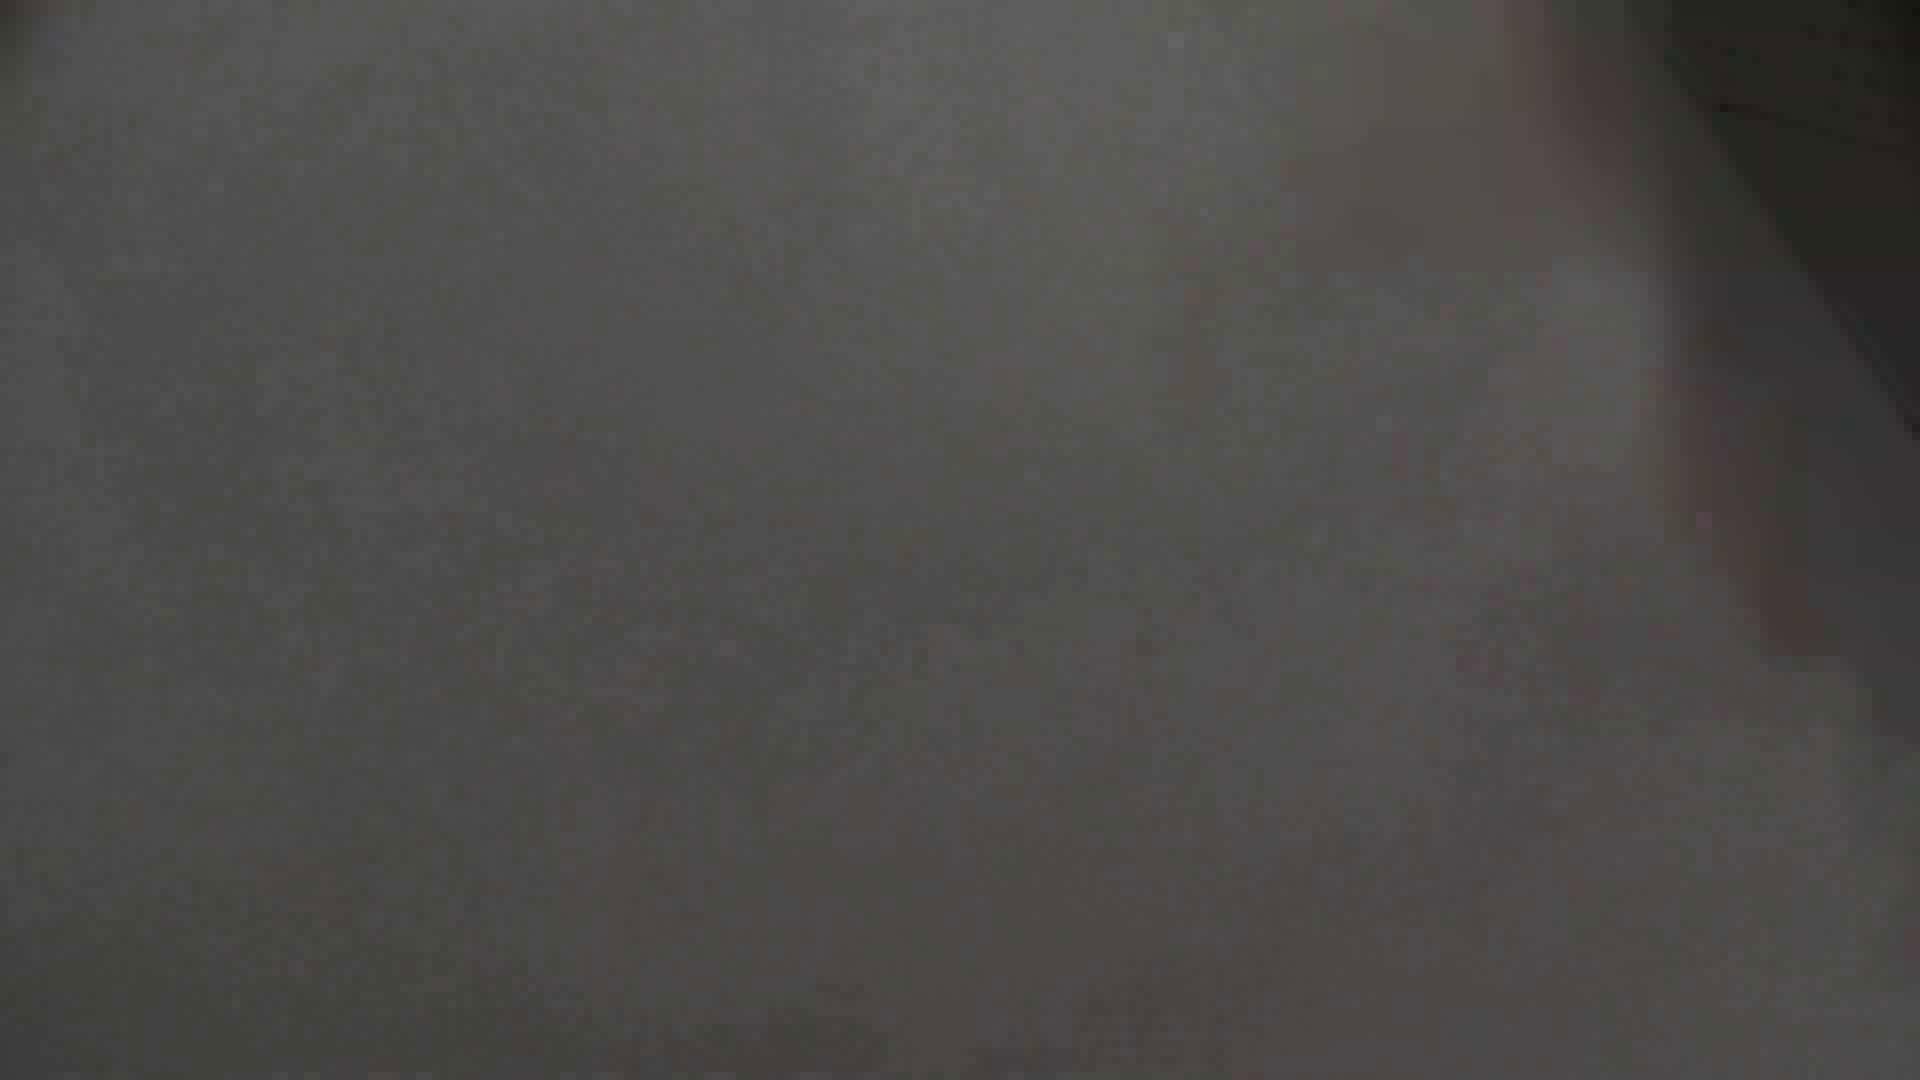 【美しき個室な世界】 vol.017 (゜∀゜) 高評価 | 高画質  108枚 82